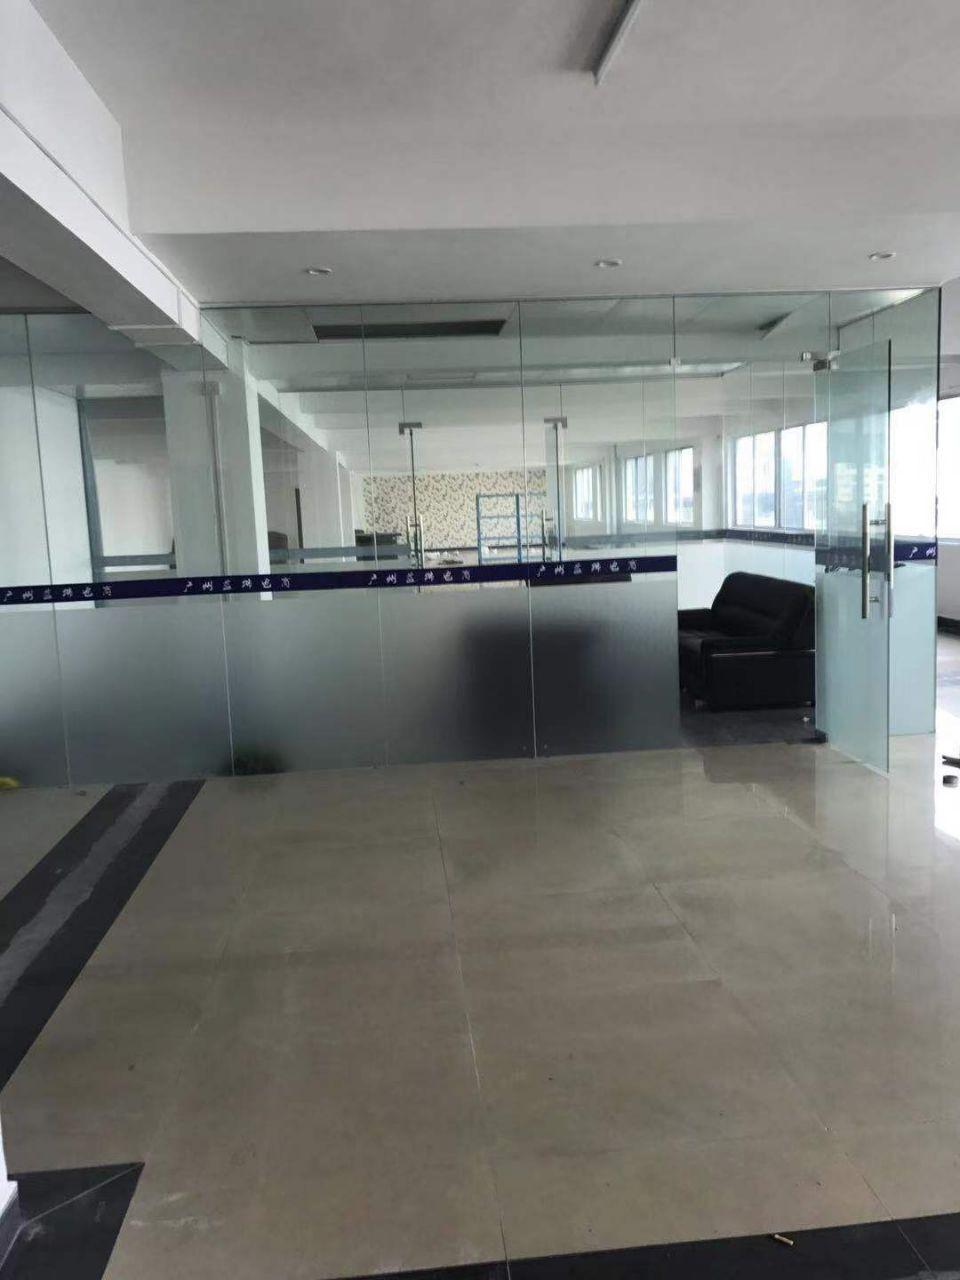 钟村标准厂房,带装修,适合电商,仓库,办公,展厅